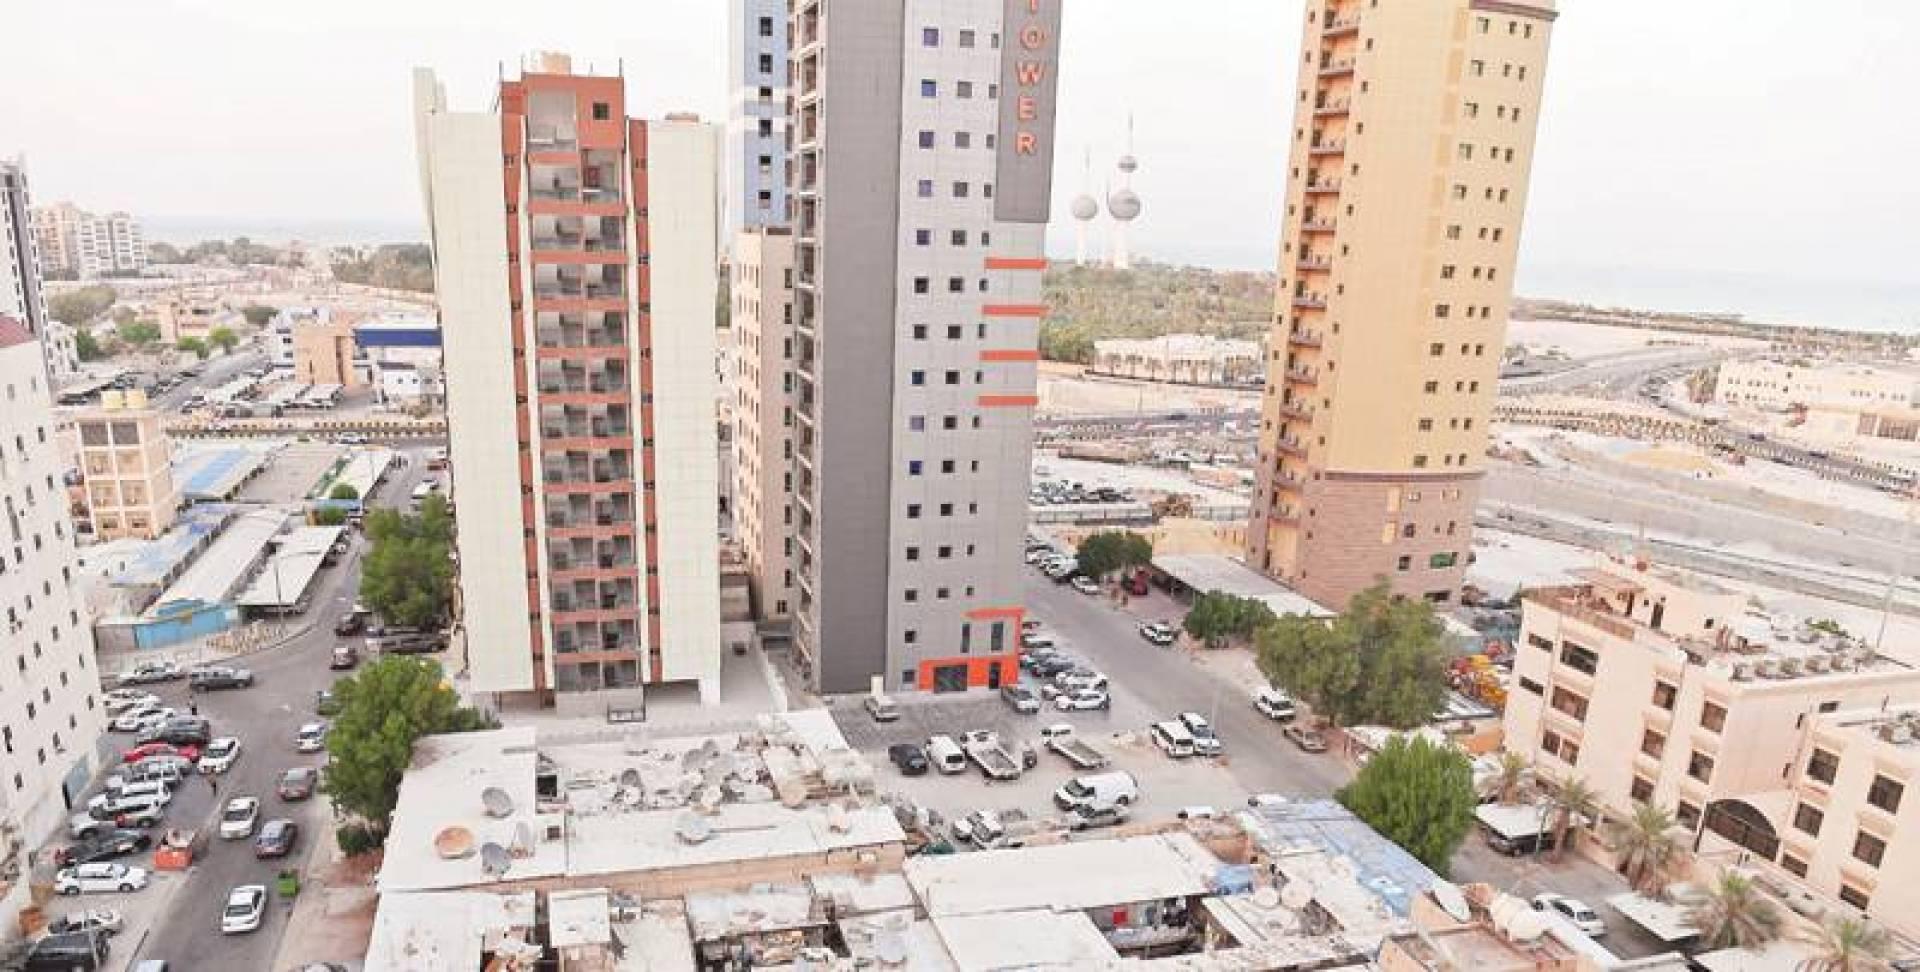 مخالفات على أسطح البنايات القديمة تشوه منظر ناطحات السحاب | تصوير مصطفى نجم الدين